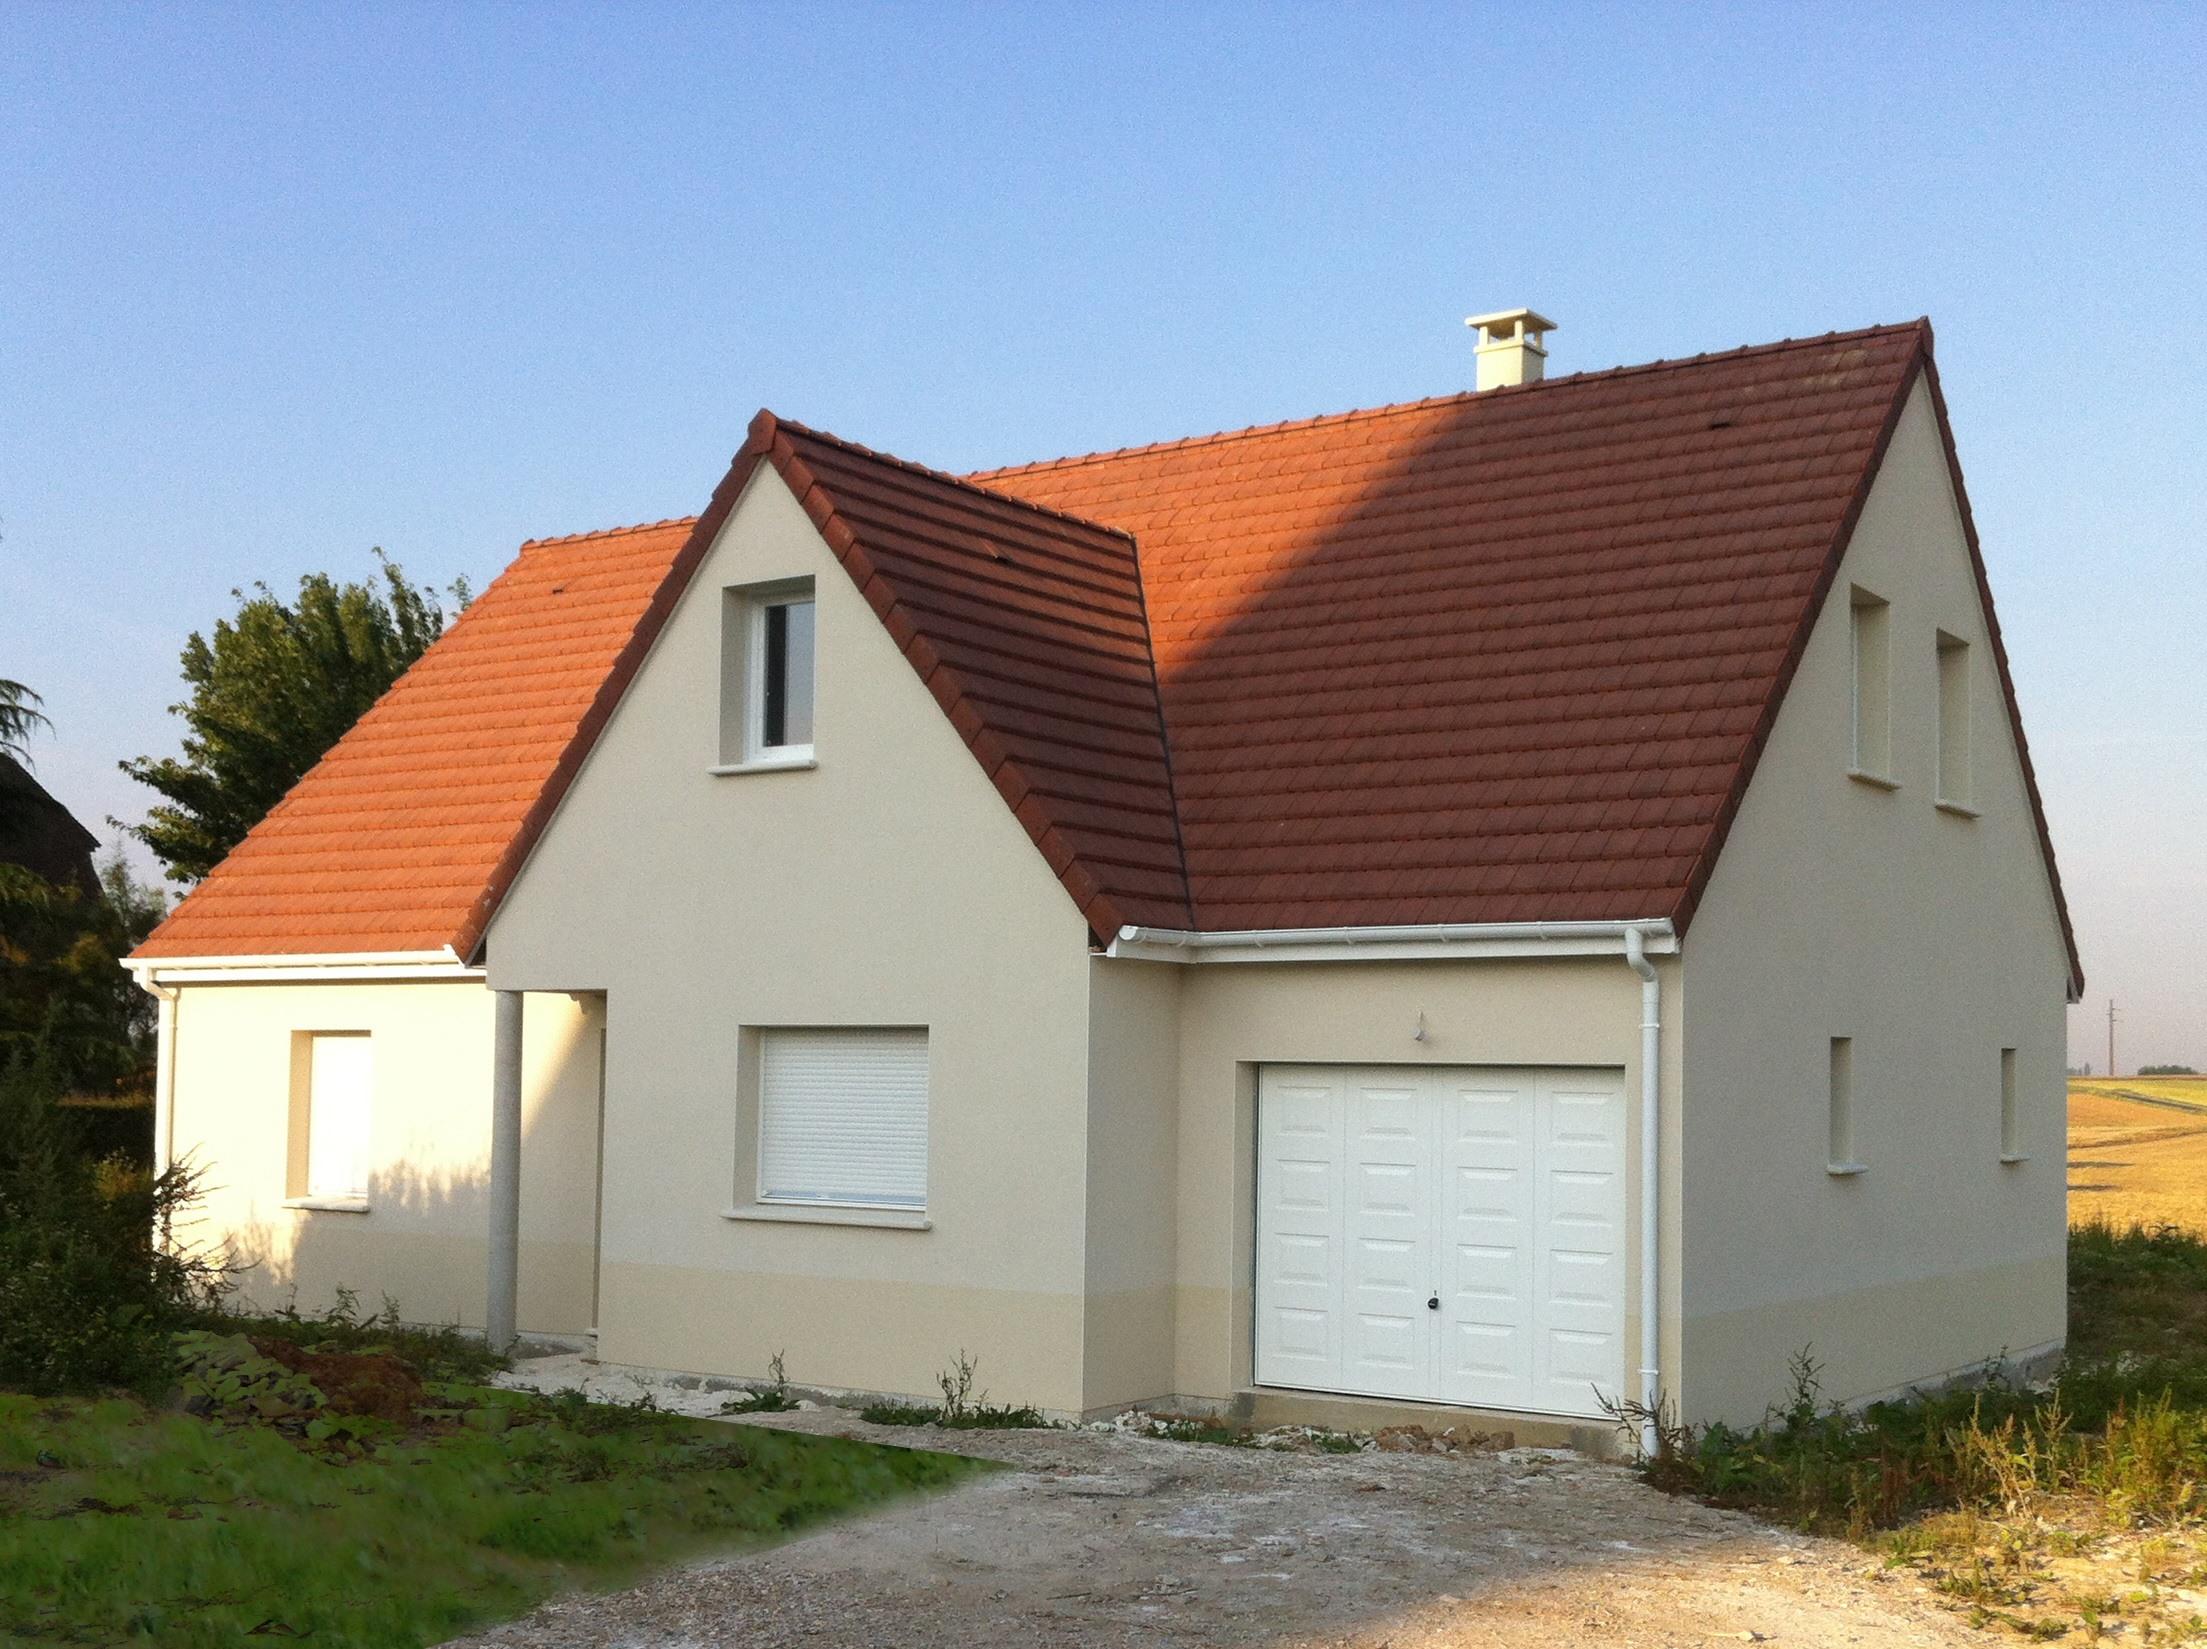 Maisons + Terrains du constructeur MAISON FAMILIALE • 100 m² • HEUDEBOUVILLE